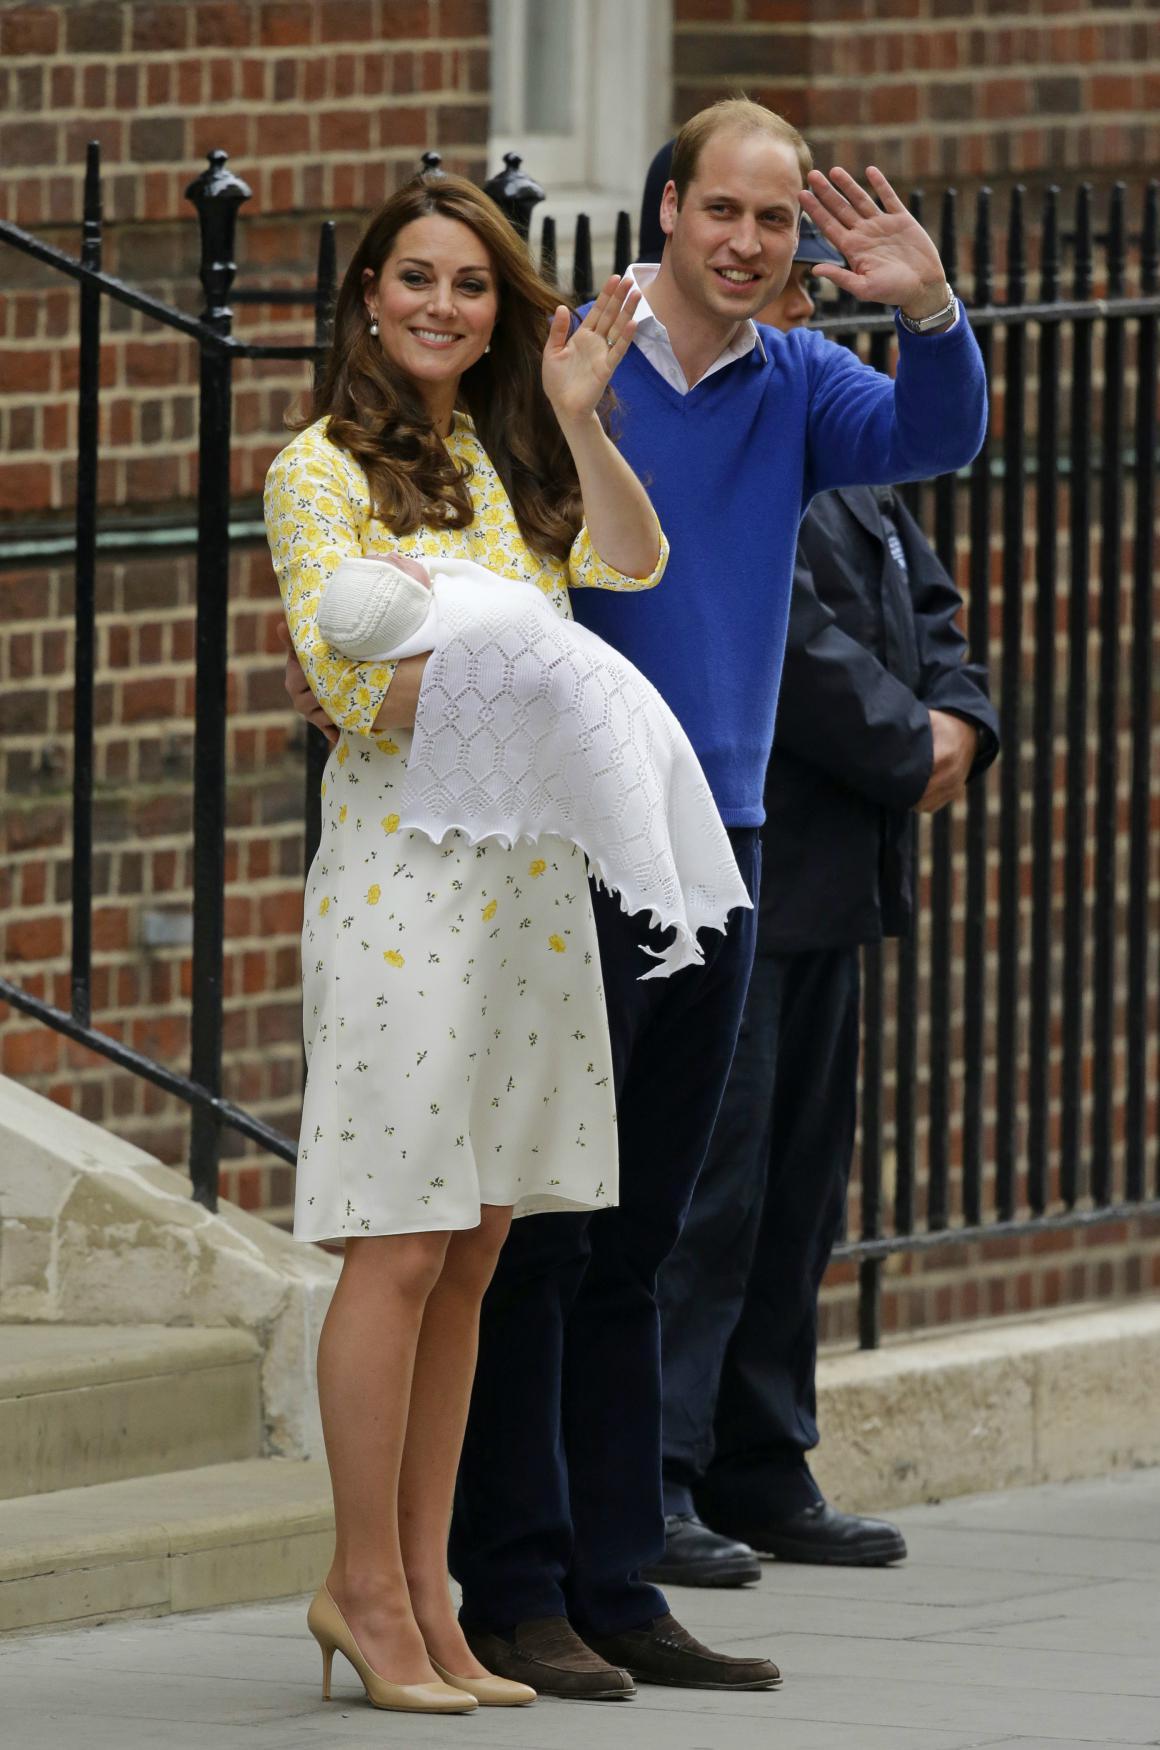 Kate i s dcerou opustila nemocnici už 10 hodin po porodu